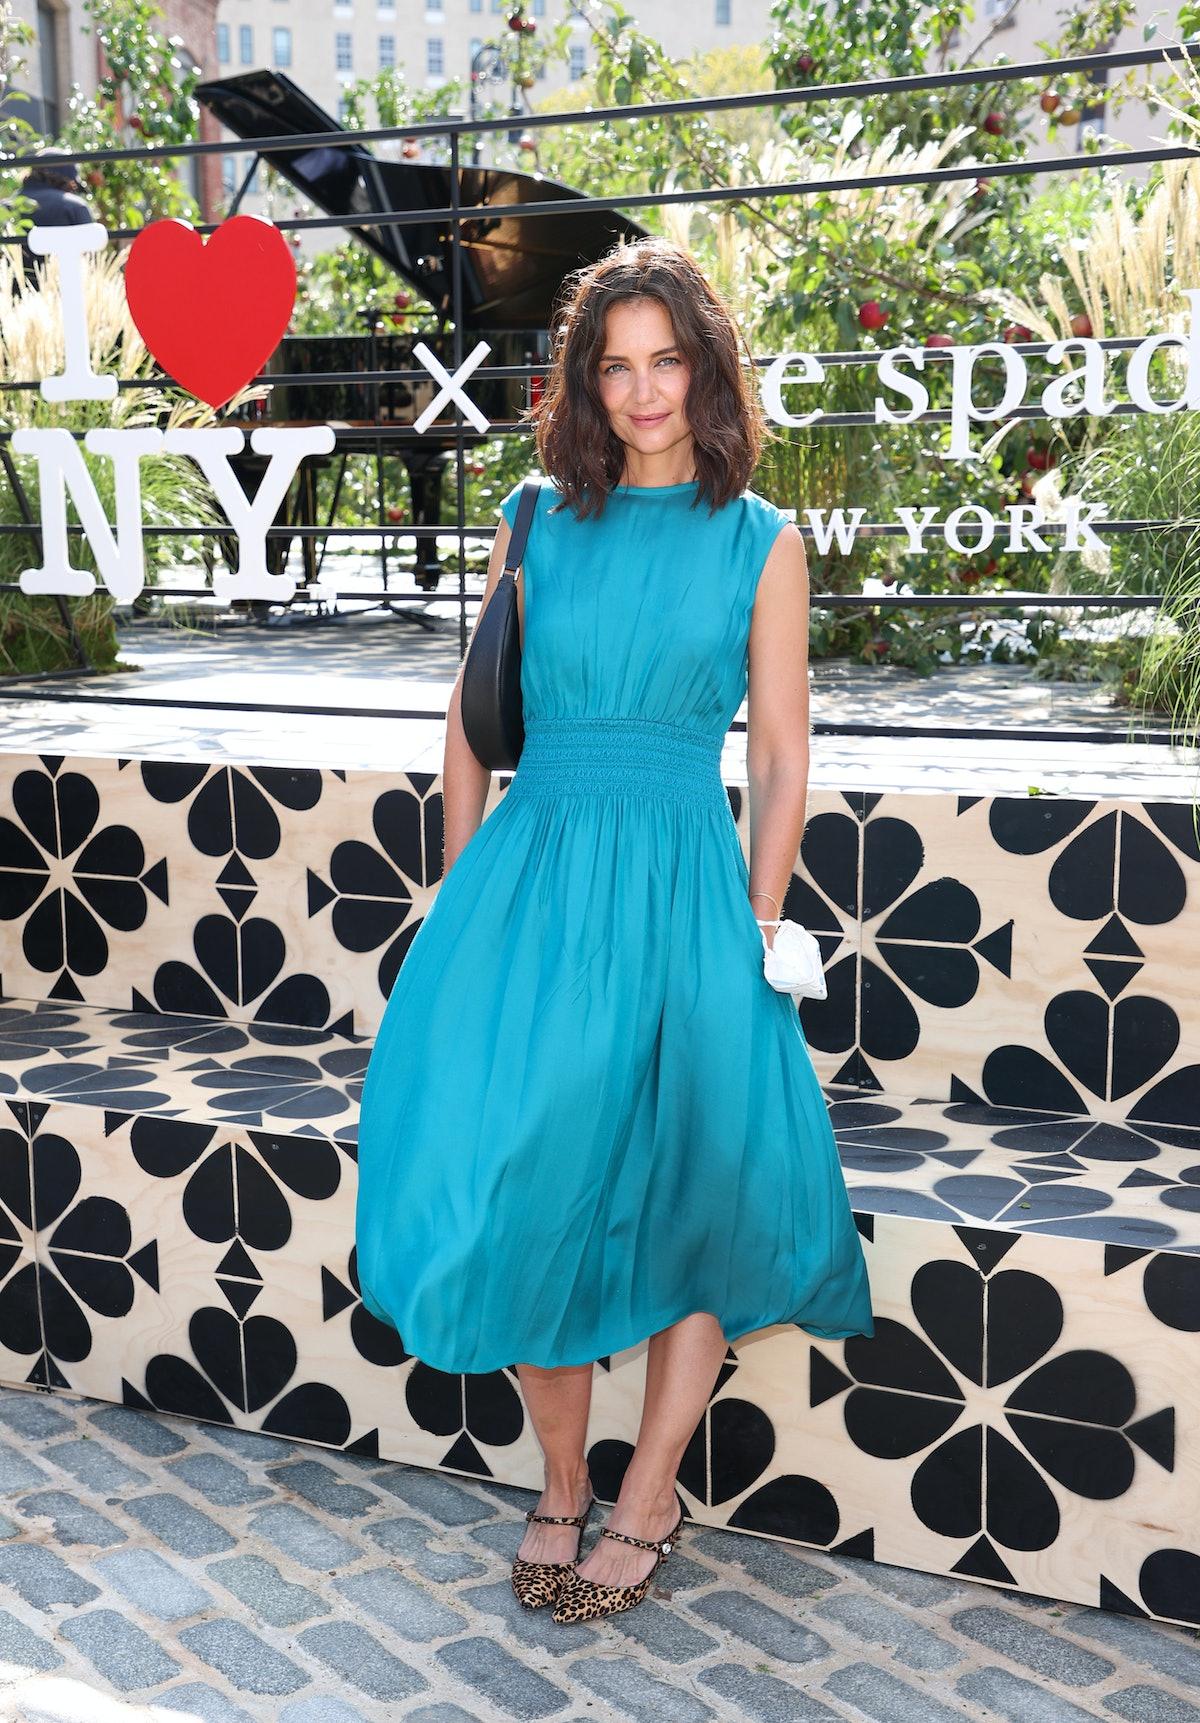 بازیگر زن کیتی هلمز در مهمانی افتتاحیه VIP Kate Spade New York نصب و راه اندازی برای ...